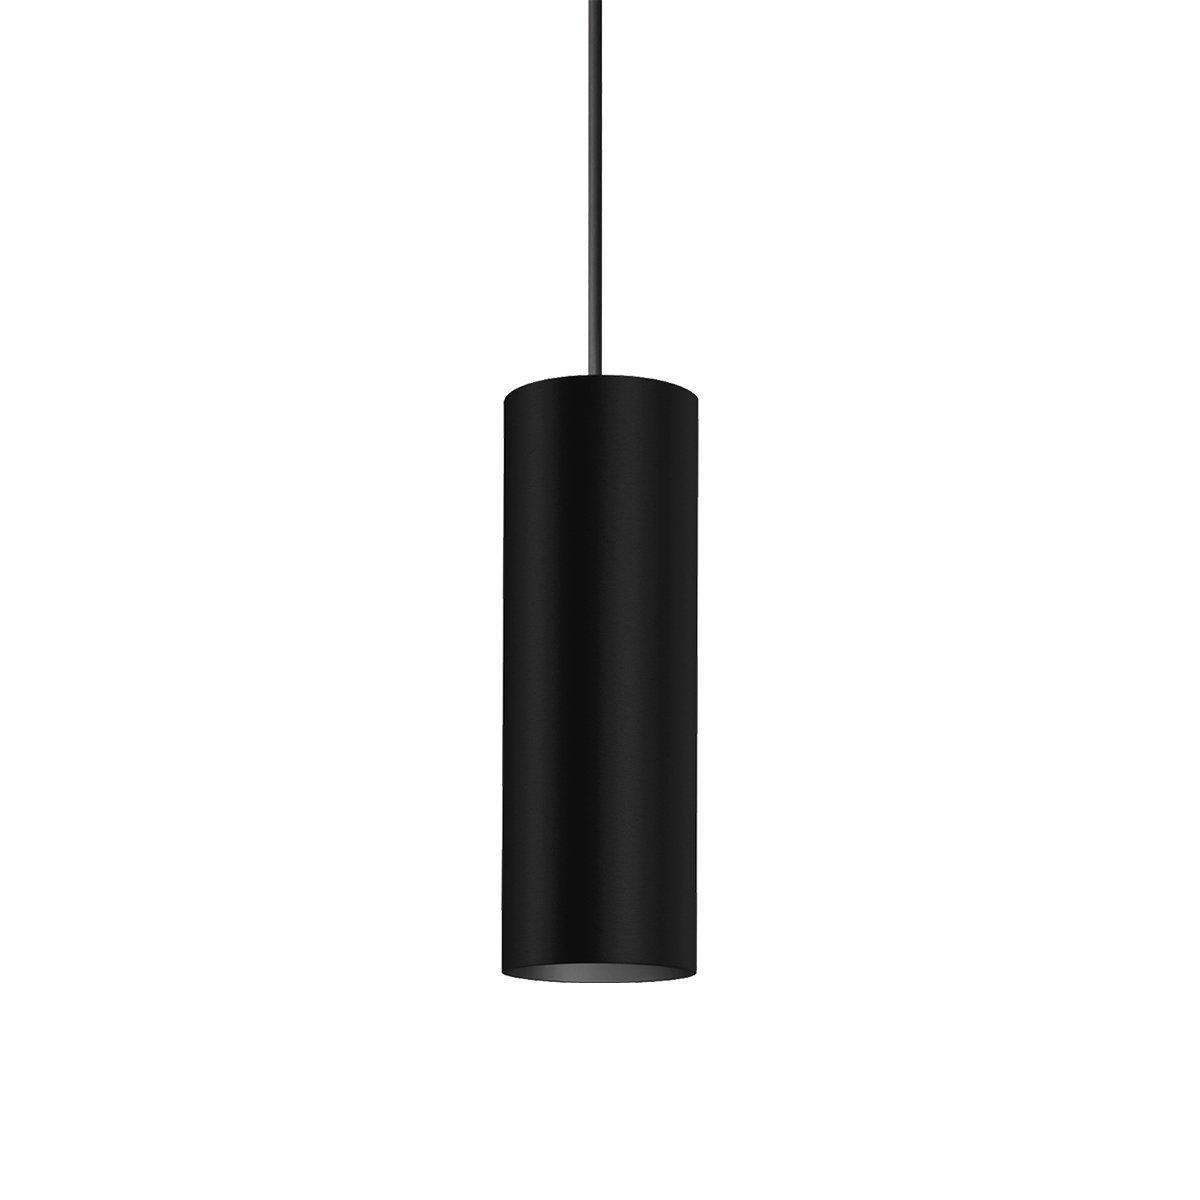 Wever & Ducr� Ray 2.0 Hanglamp Jet Black - LED 2700 Kelvin